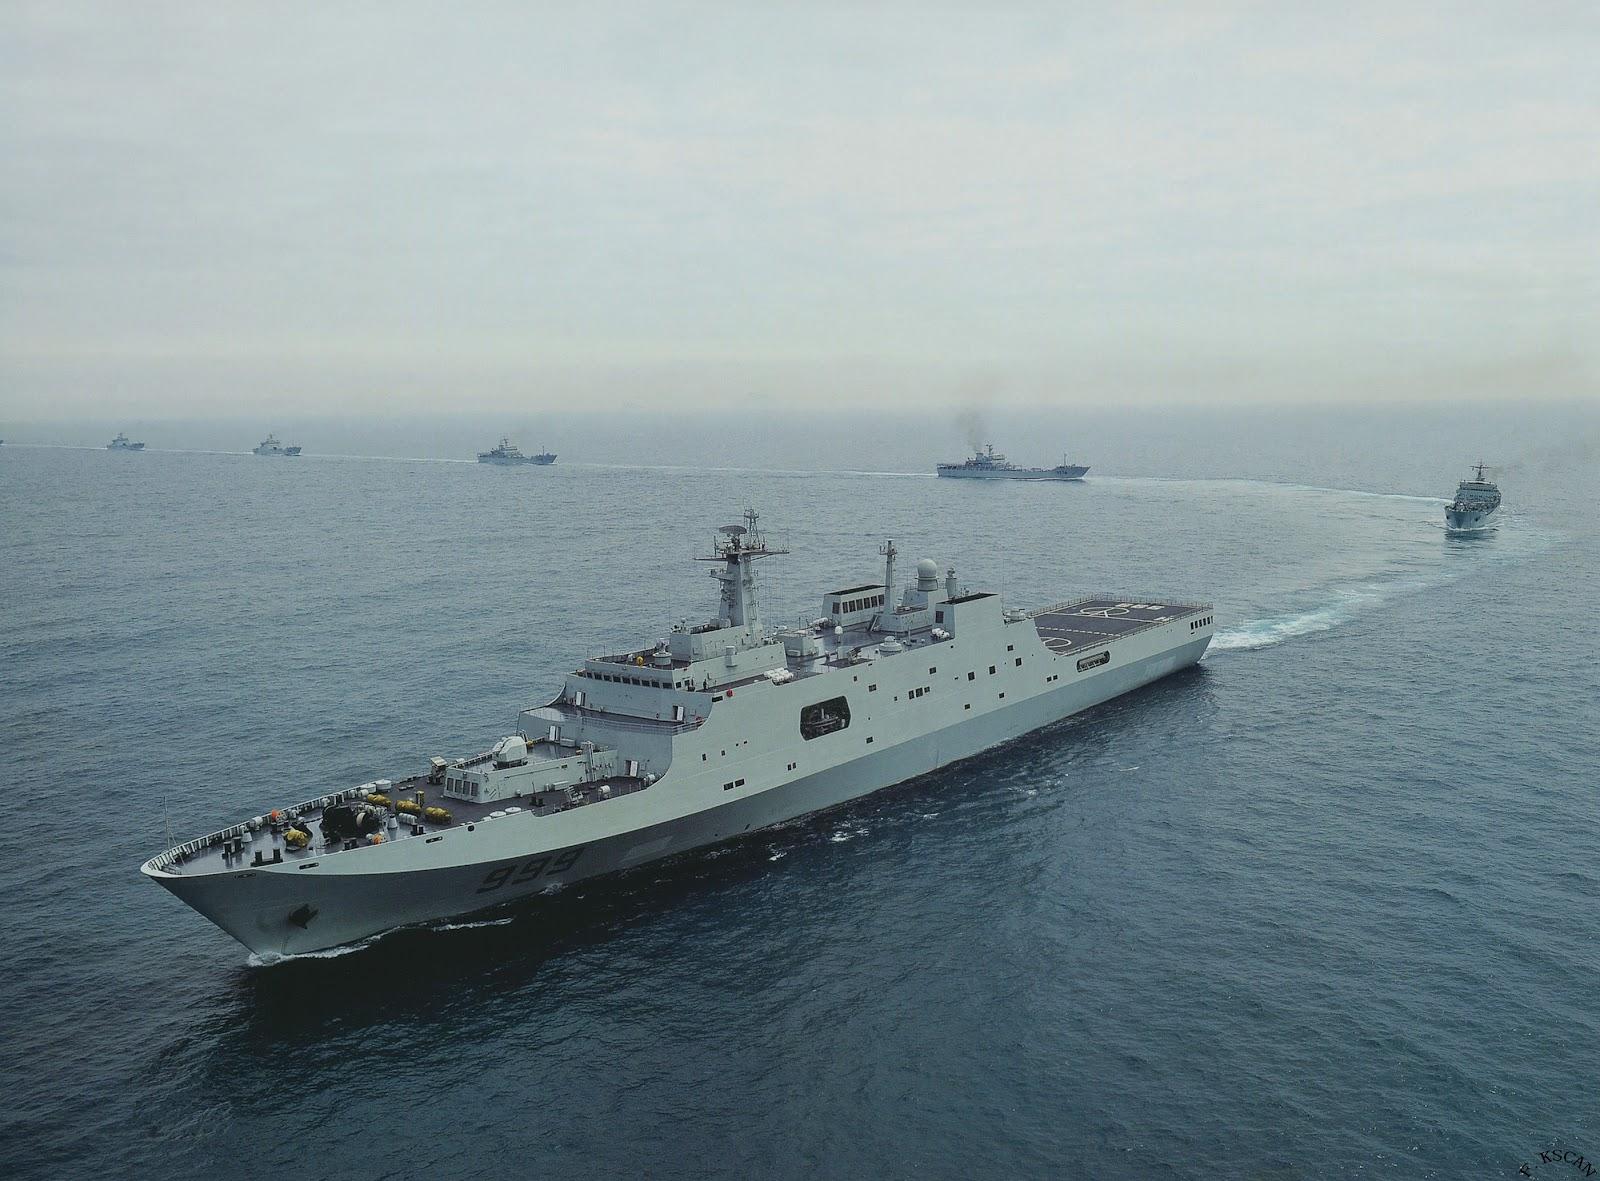 중국해군 상륙함 성장력이 장난이 아니네요.